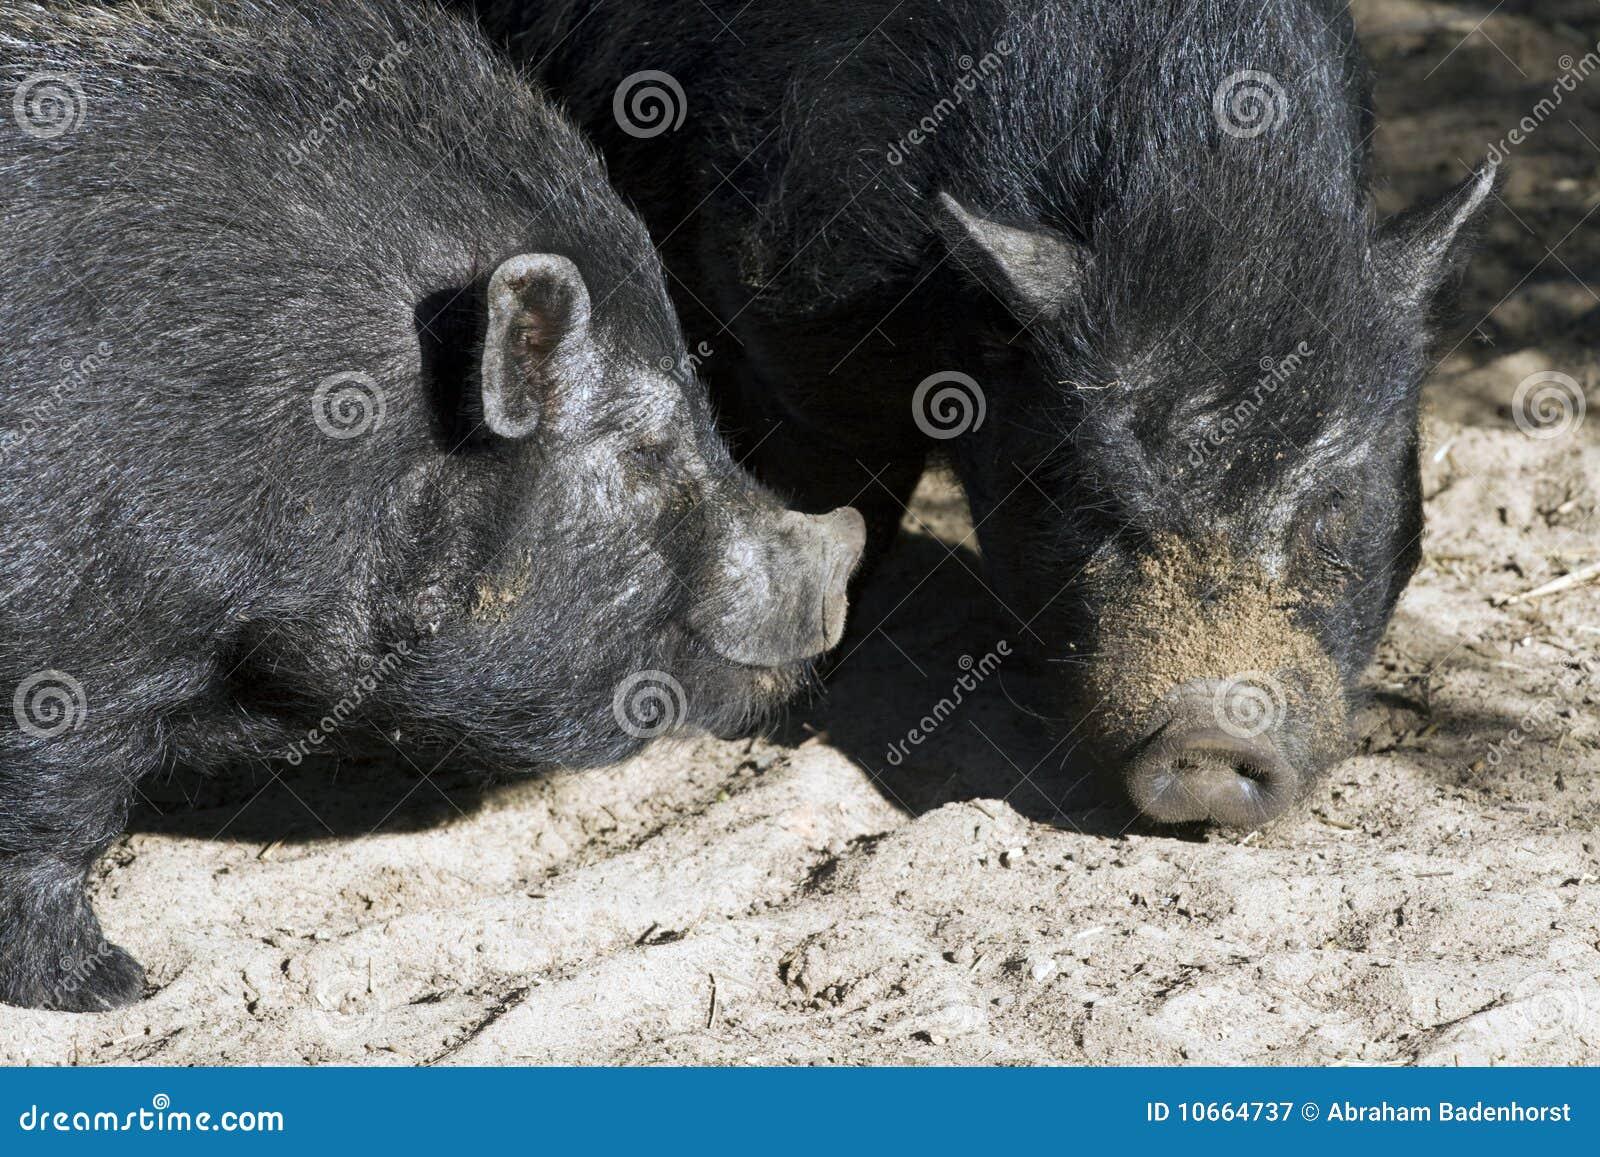 大肚子的猪图片